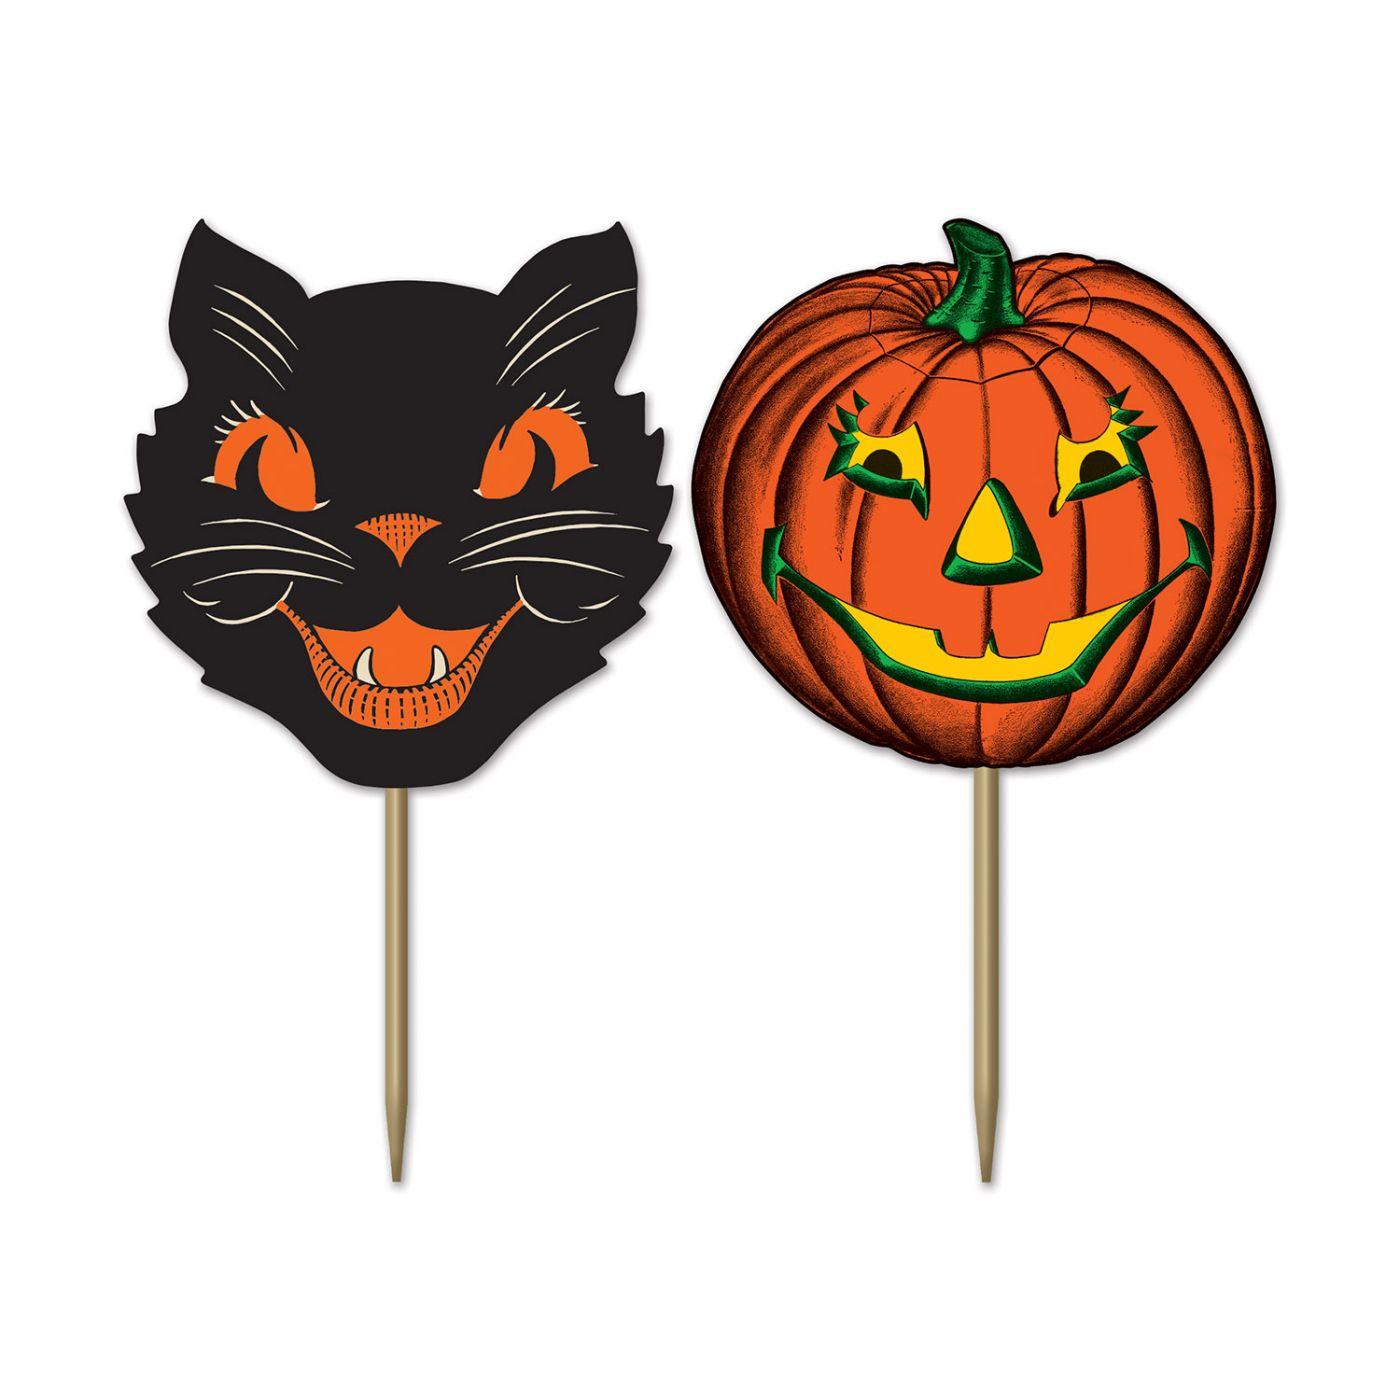 Vintage Halloween Picks image